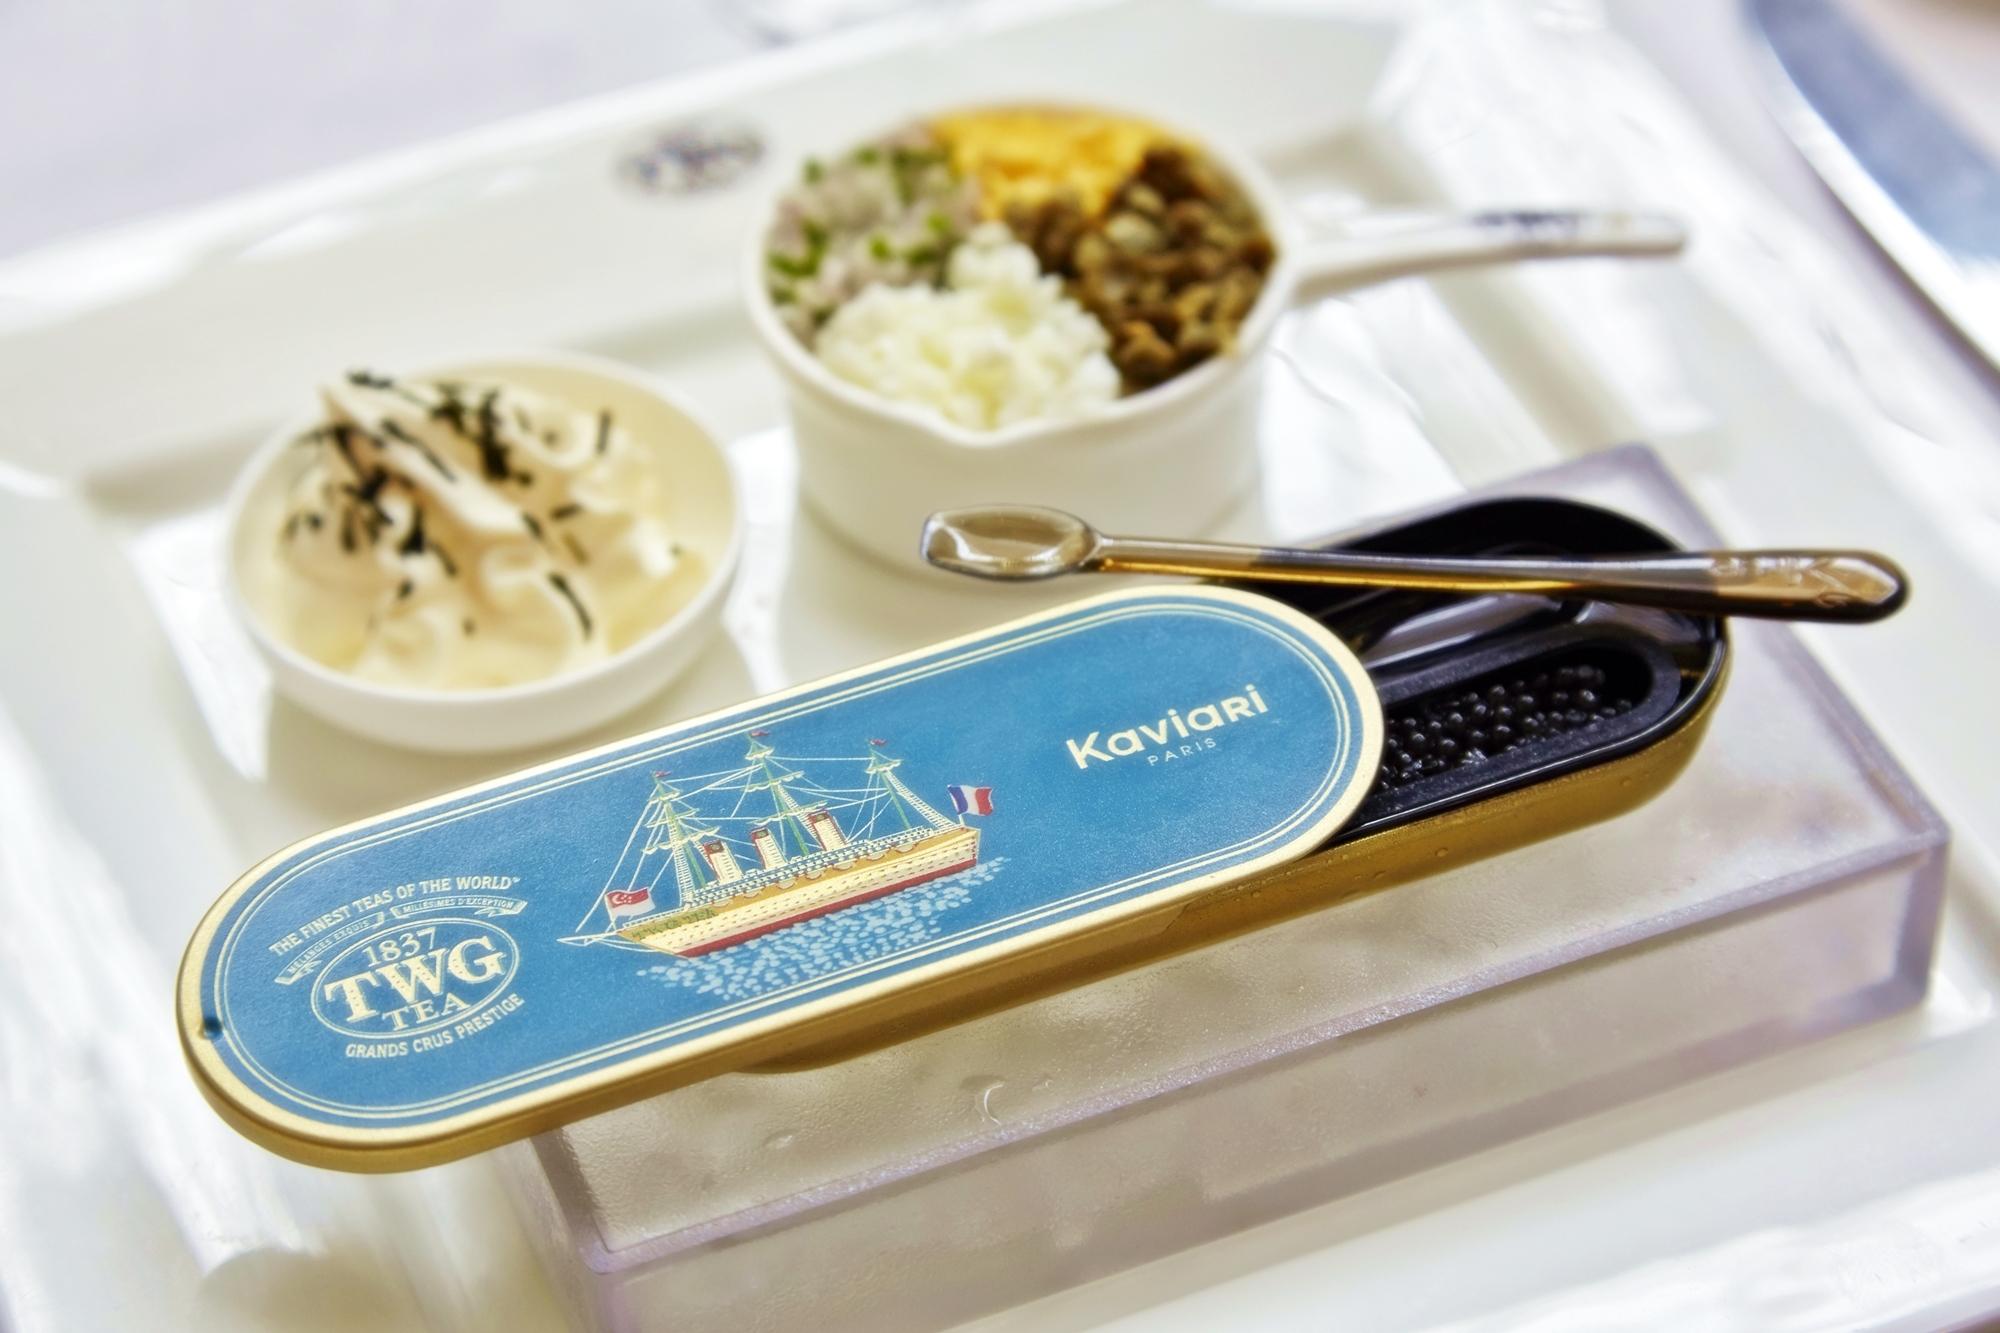 TWG Tea Caviar